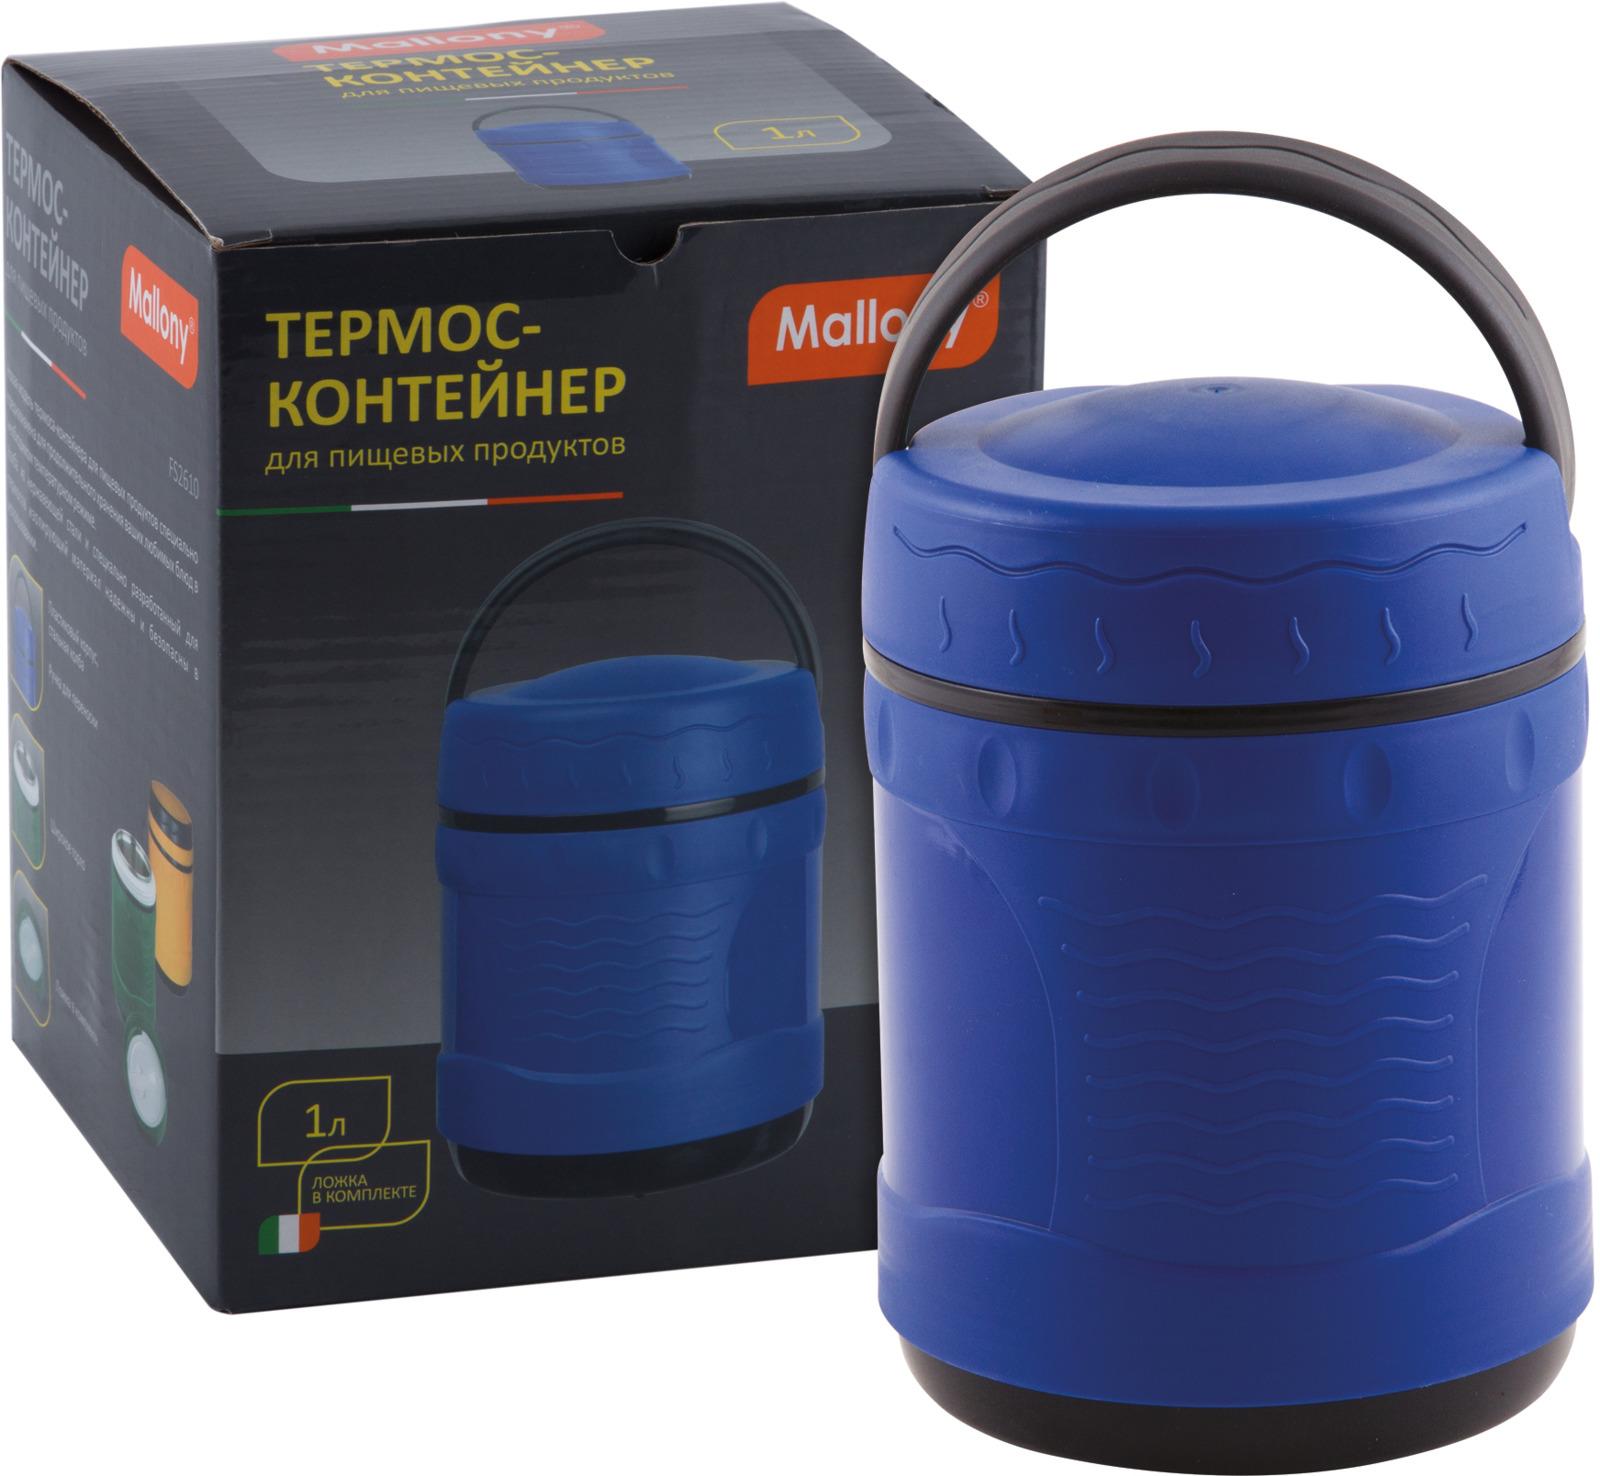 Термос Mallony, цвет: синий, цвет: в ассортименте, 1 л